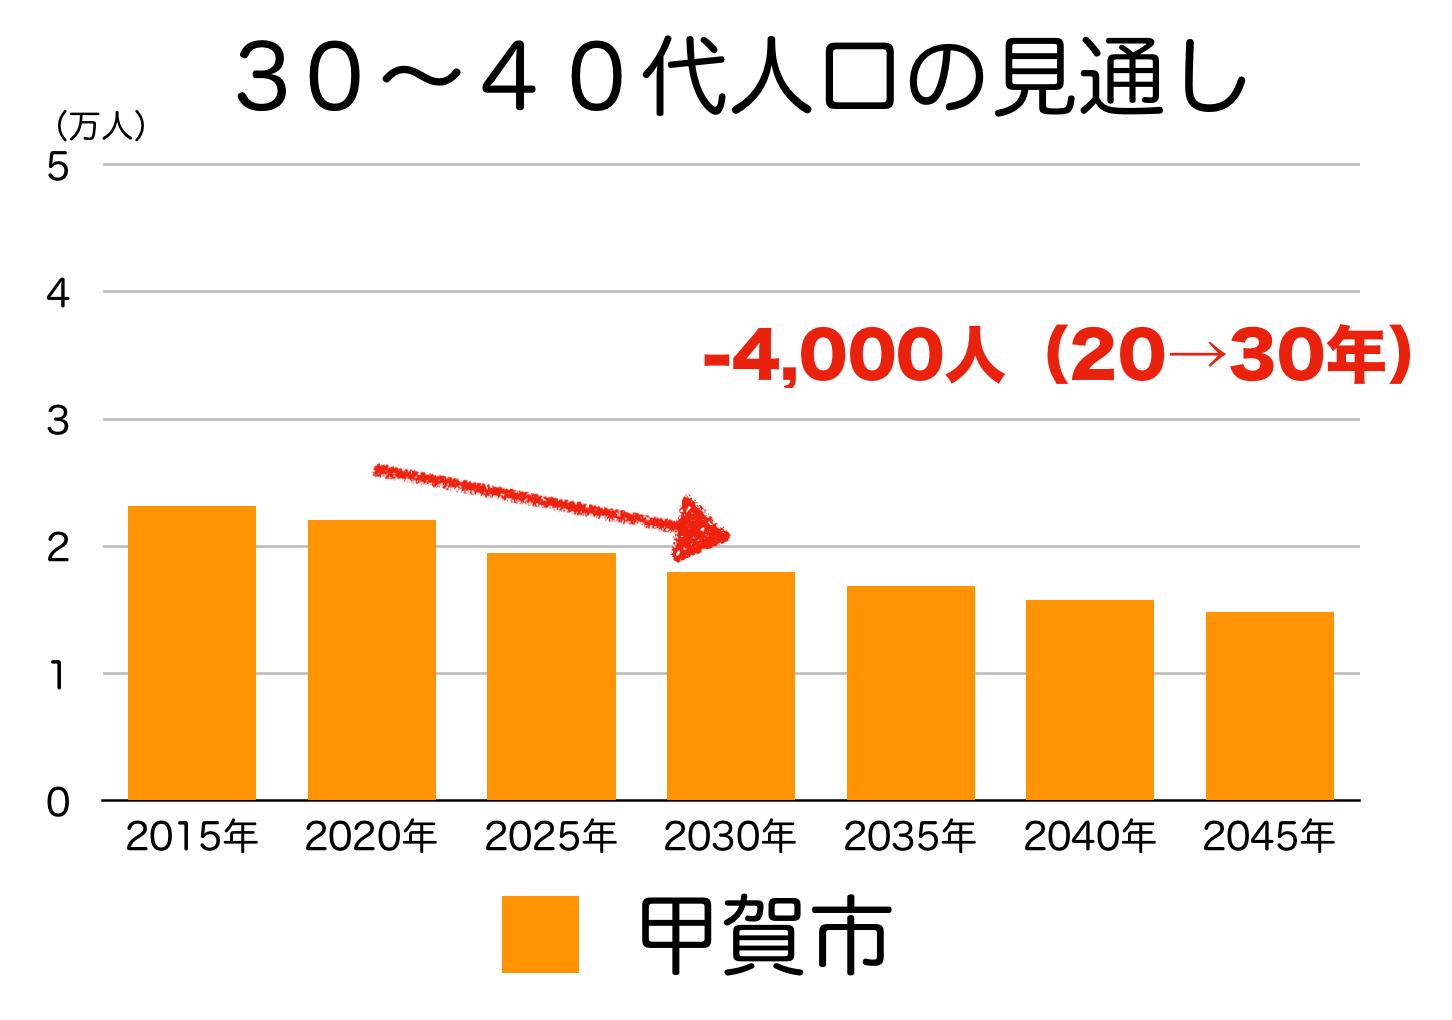 甲賀市の30〜40代人口の予測